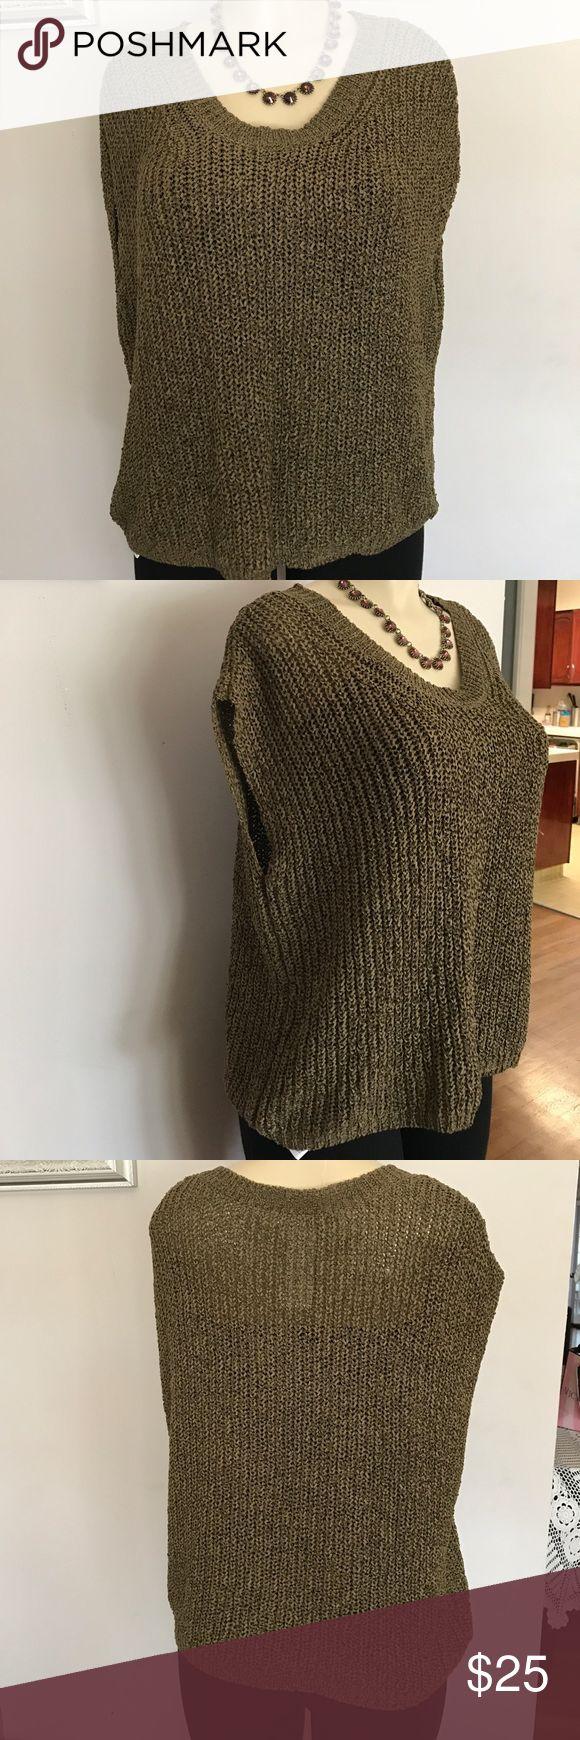 BCBGENERATION Blouse - Size M/L BCBGENERATION Blouse - Size M/L.  This blouse has a light feel. BCBGeneration Tops Blouses